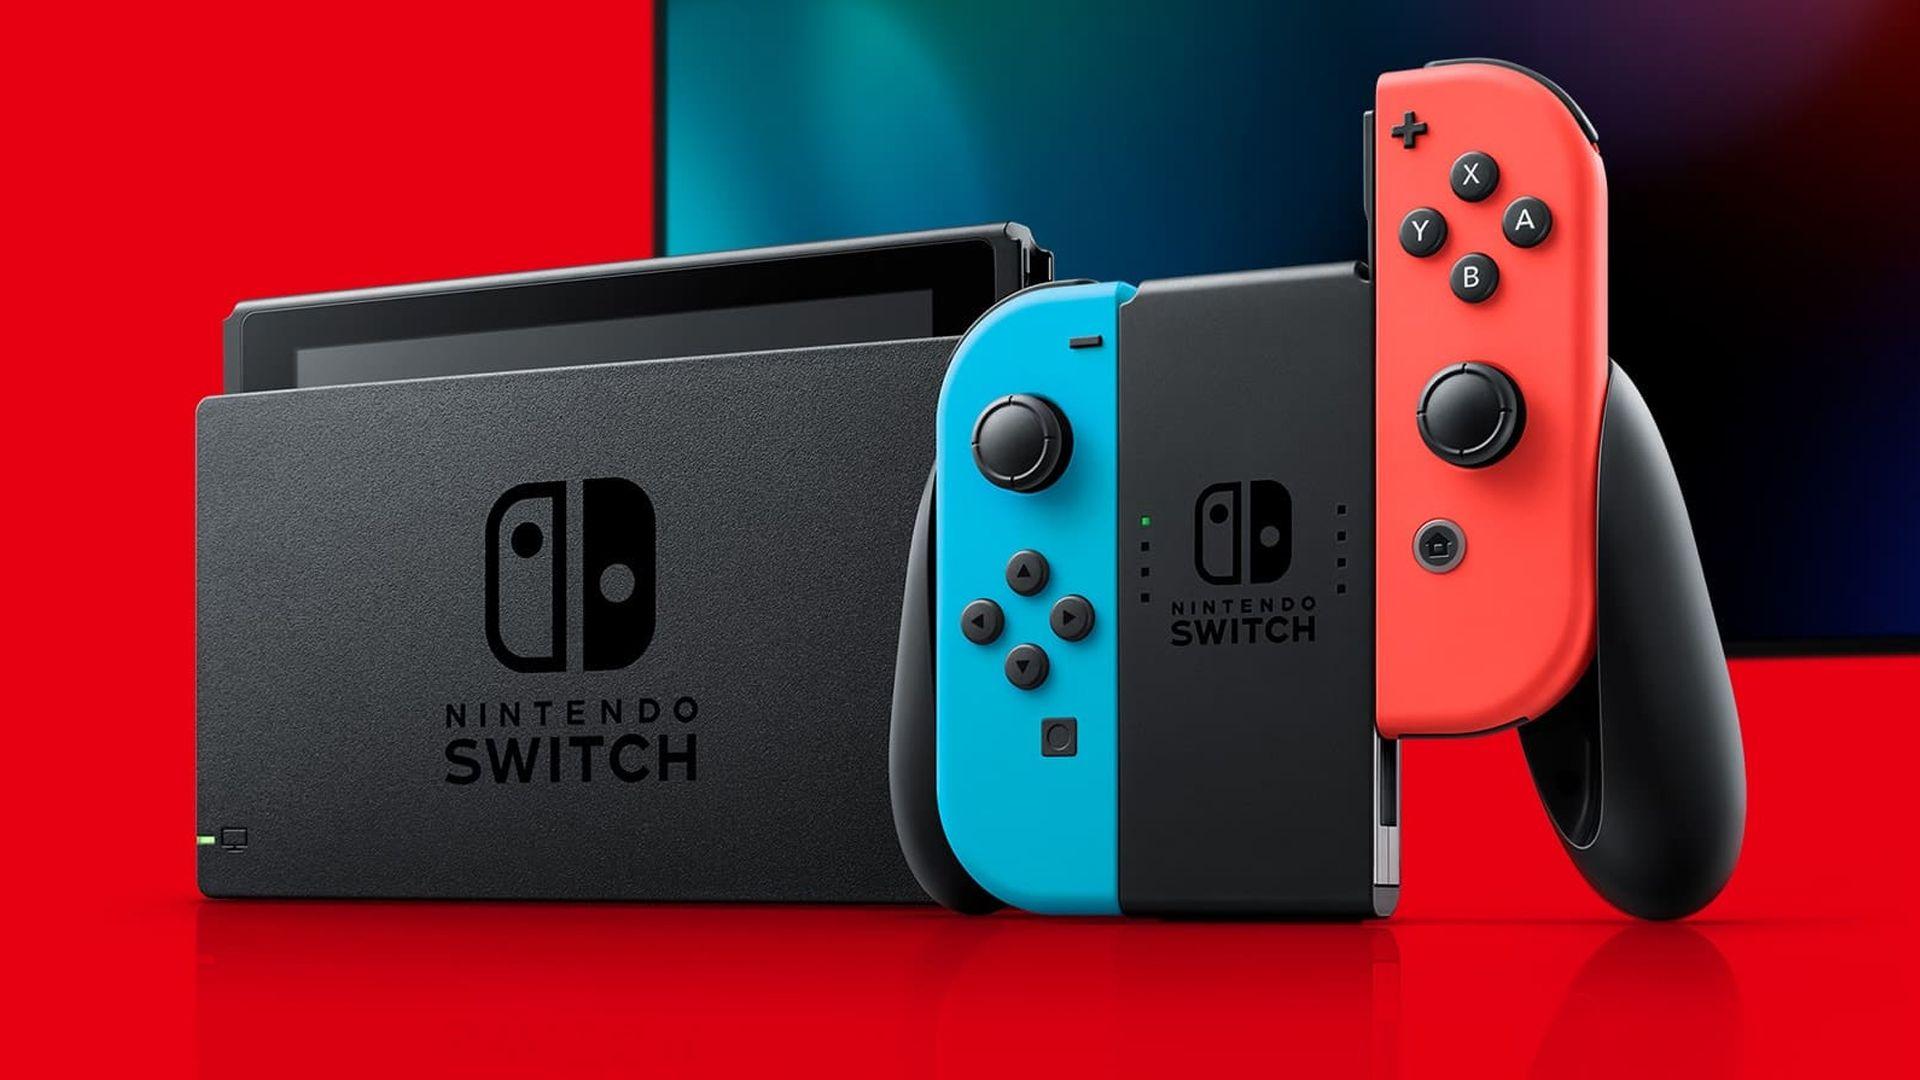 Veja os riscos e cuidados ao comprar um Nintendo Switch usado. (Foto: Divulgação/Nintendo)